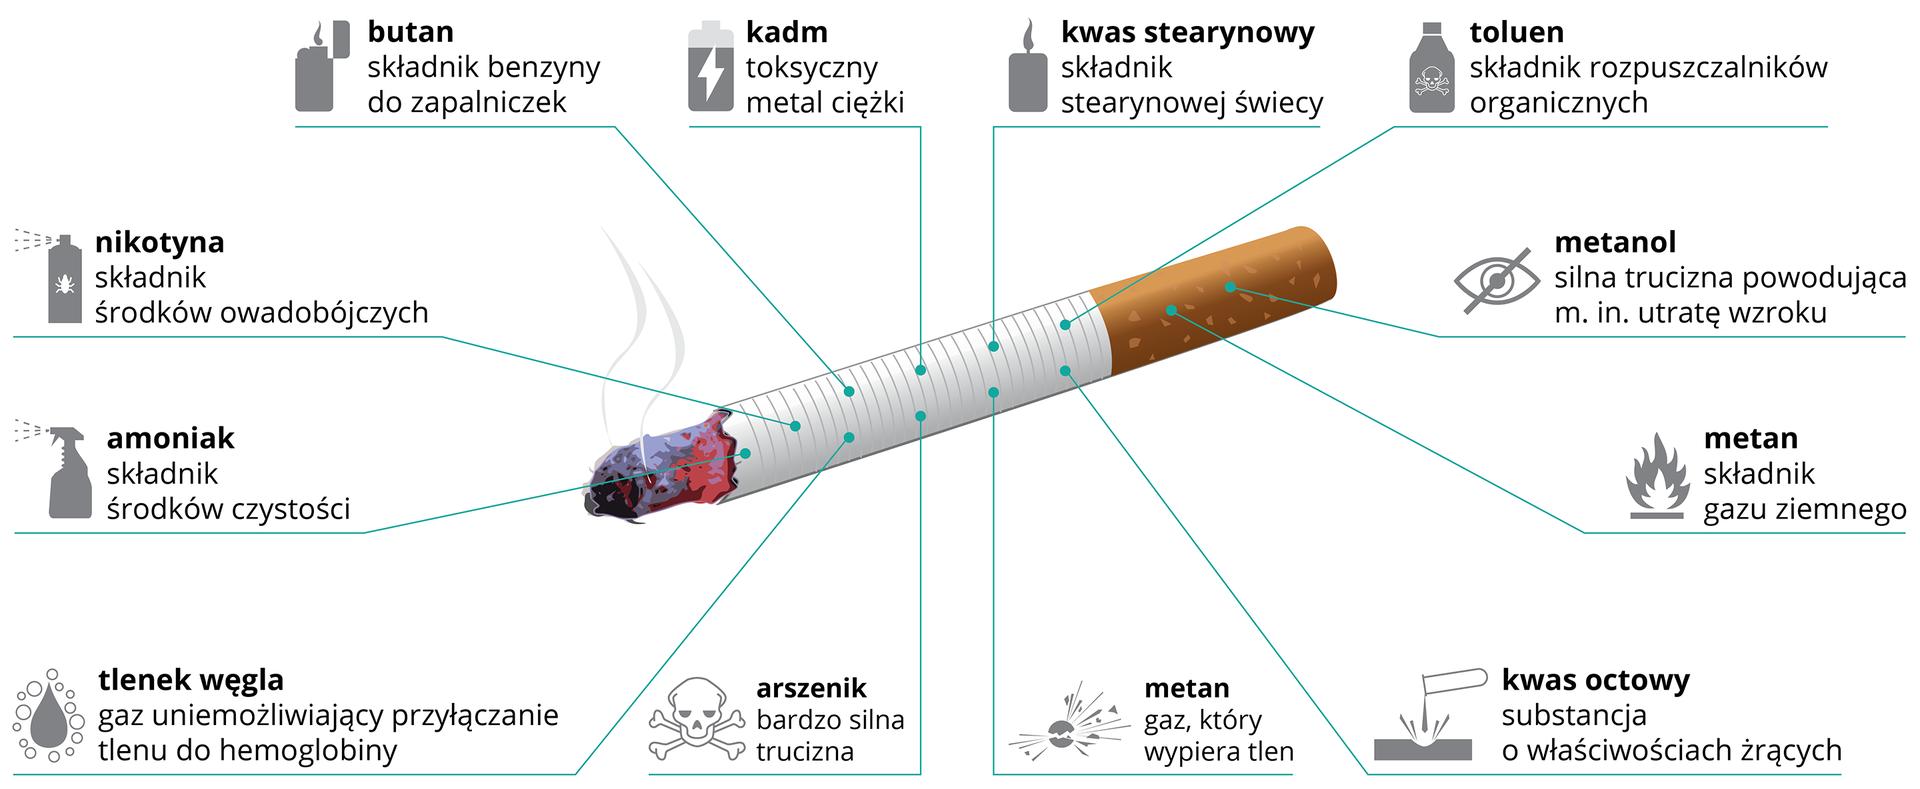 Ilustracja przedstawia ukosem żarzący się biały papieros zpomarańczowym ustnikiem. Od niego niebieskie linie prowadzą do opisu iobrazka przykładowych substancji, zawartych wdymie papierosowym. Od góry od lewej: butan, kadm, kwas stearynowy, toluen, metanol, metan, kwas octowy, arszenik, tlenek węgla, amoniak, nikotyna.